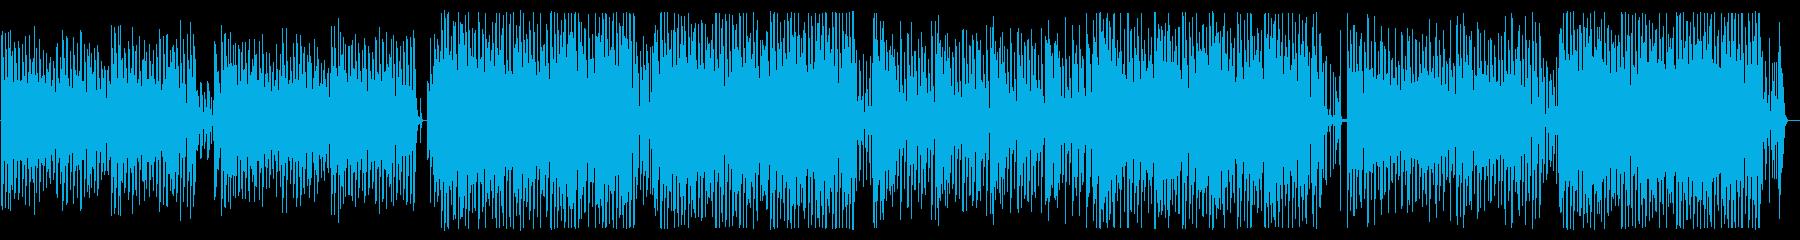 軽快、ハッピー、ポップ、ピアノ、ギターの再生済みの波形